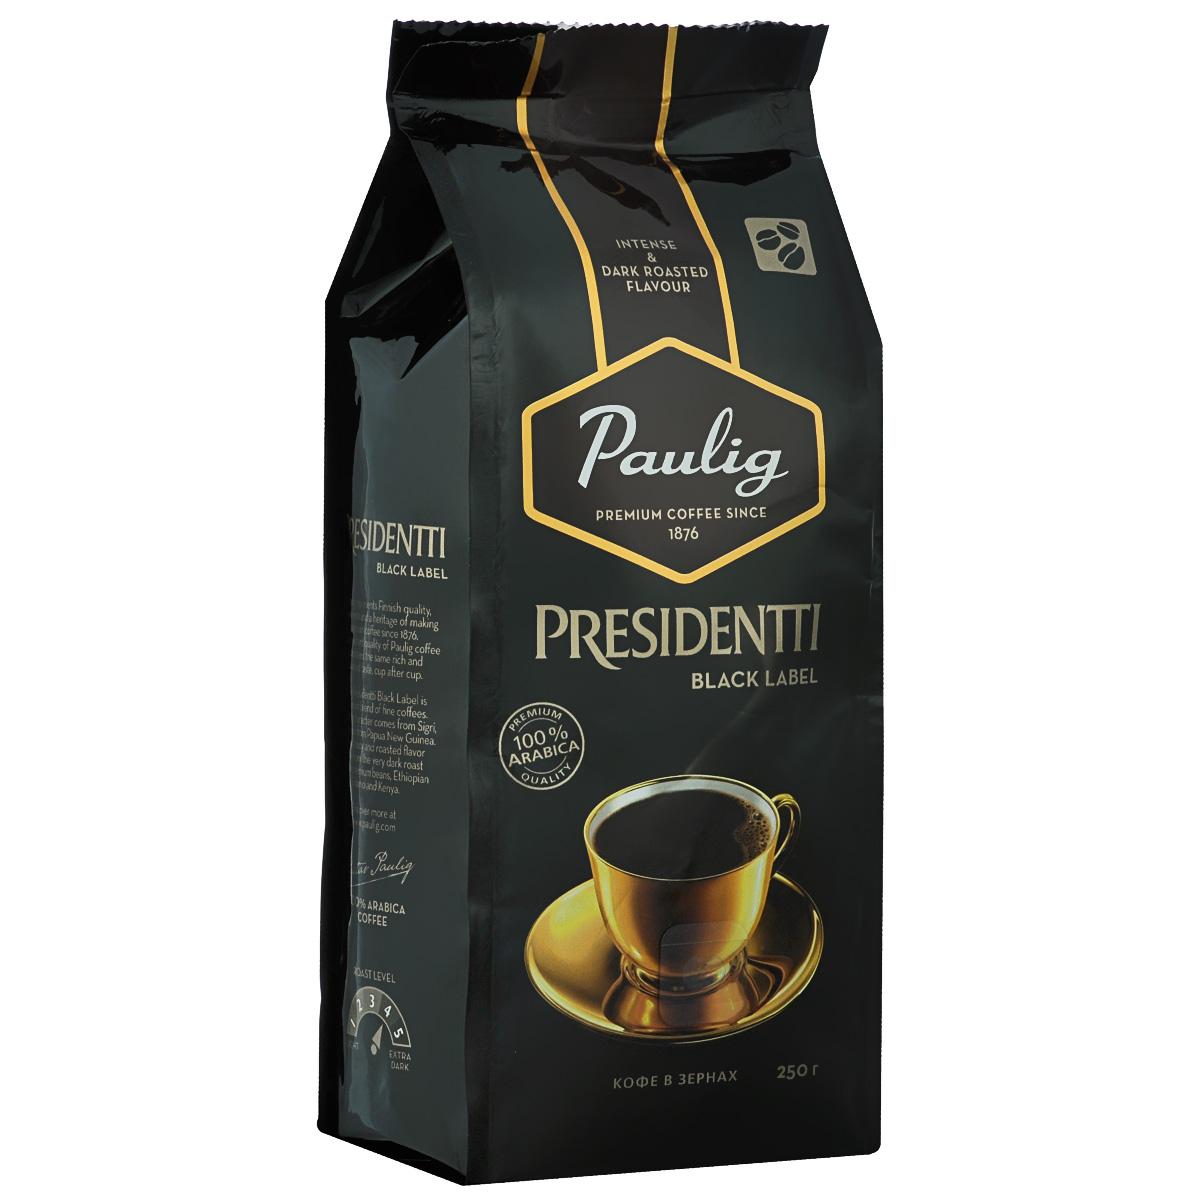 Paulig Presidentti Black Label кофе в зернах, 250 г01850Paulig Presidentti Black Label – это премиальный темный кофе высочайшего качества. Редкие кофейные зерна из Папуа – Новой Гвинеи, которые называются «Сигри», дарят напитку яркий, насыщенный вкус. Изысканная горчинка во вкусе и богатый аромат достигаются благодаря специально отобранным кофейным зернам из Африки и сильной обжарке.